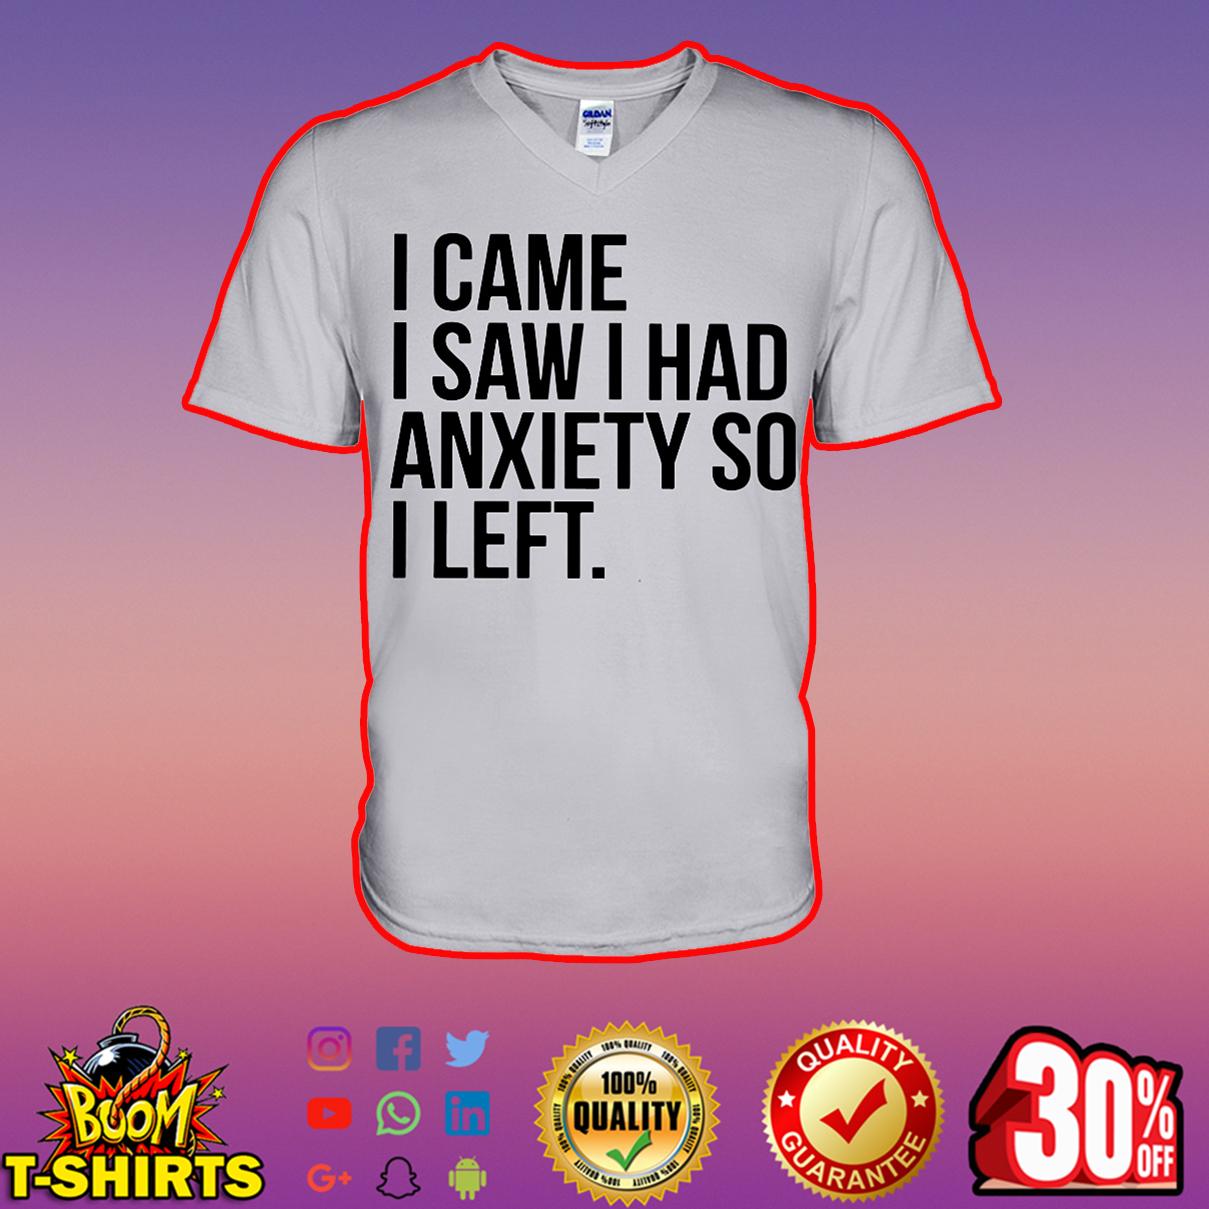 I came saw I had anxiety so I left v-neck